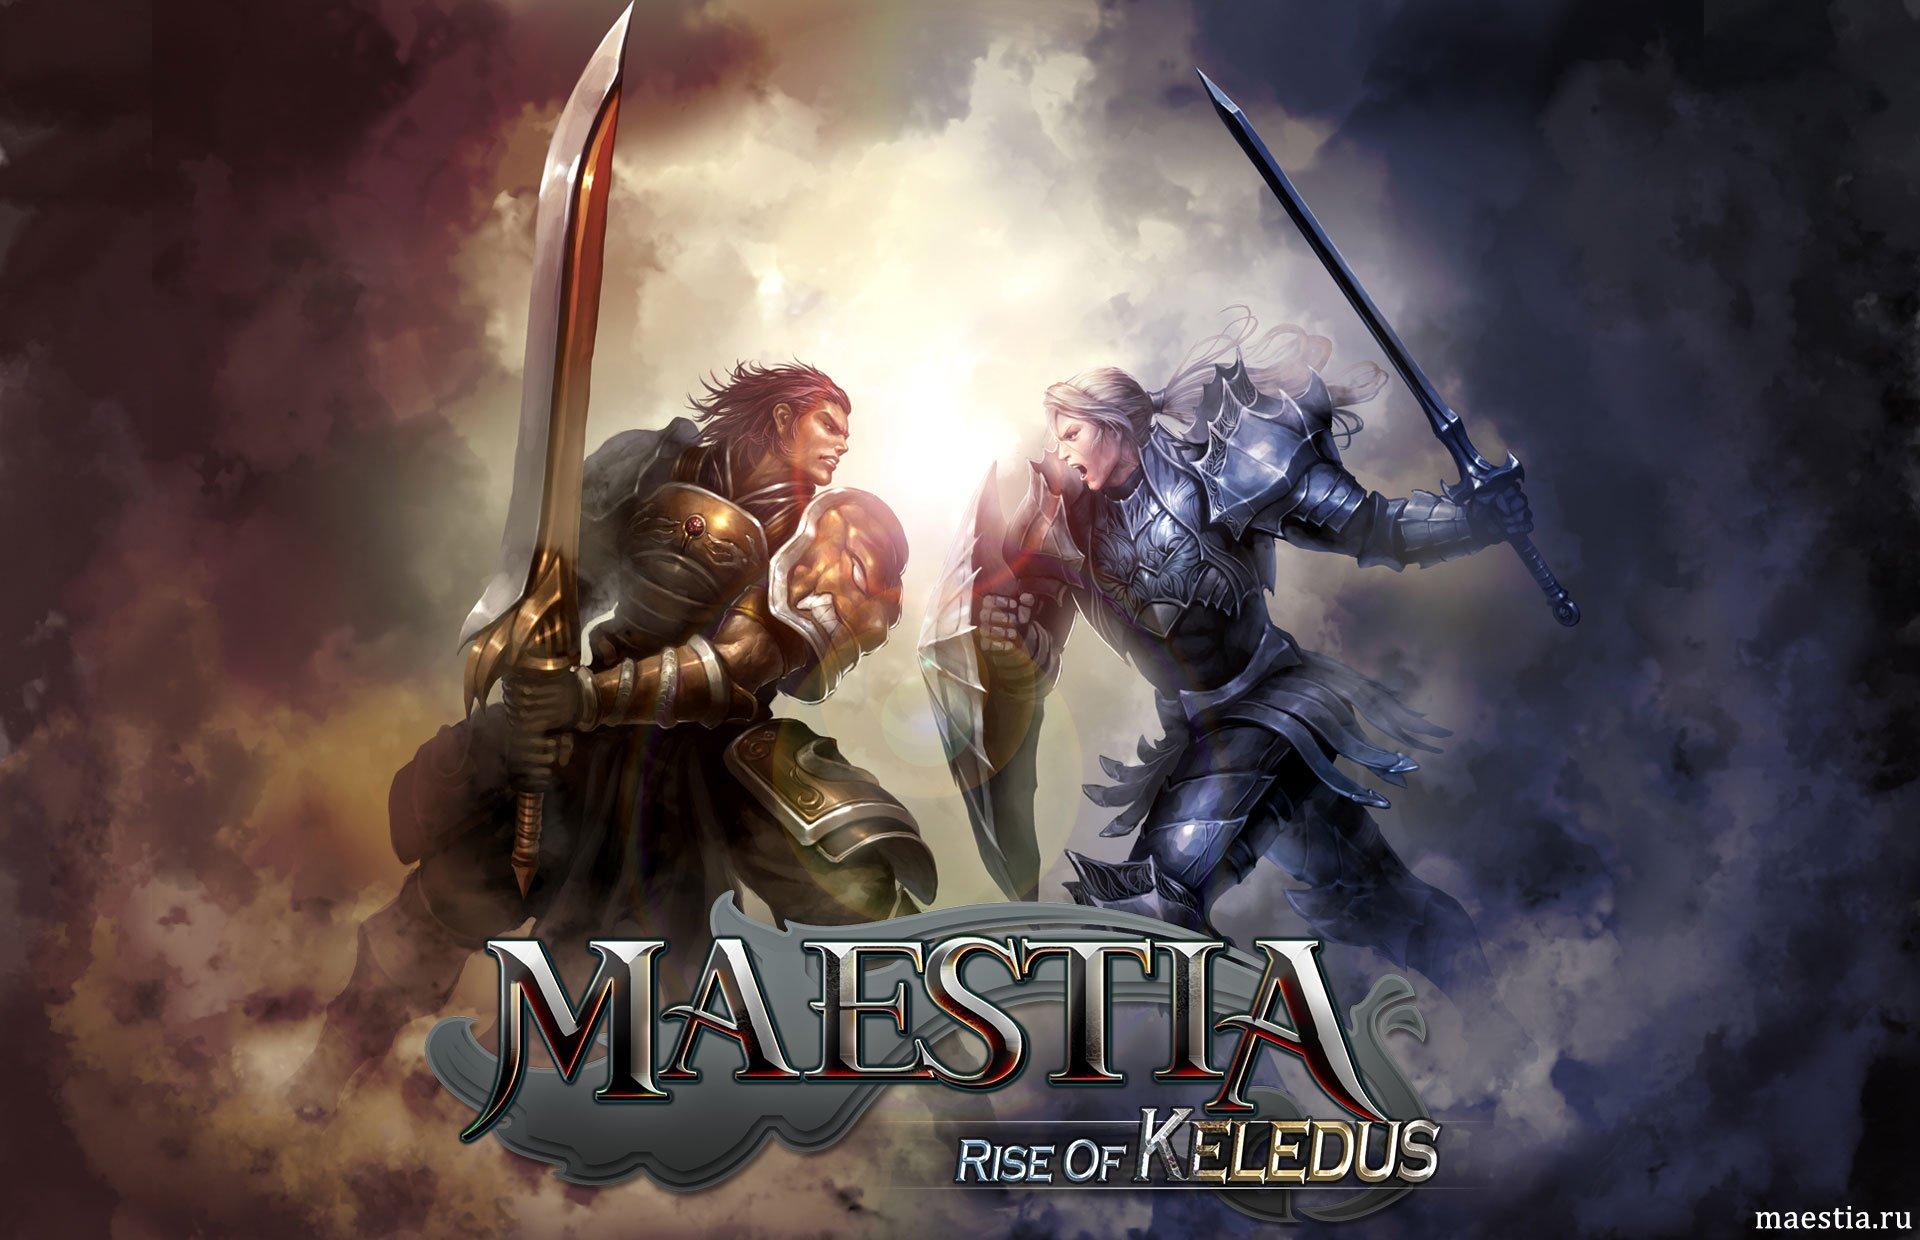 """Быстрый старт с Maestia: Rise of KeledusВ течение всего мая любой желающий может принять участие в акции """"Быстрый ст .... - Изображение 1"""